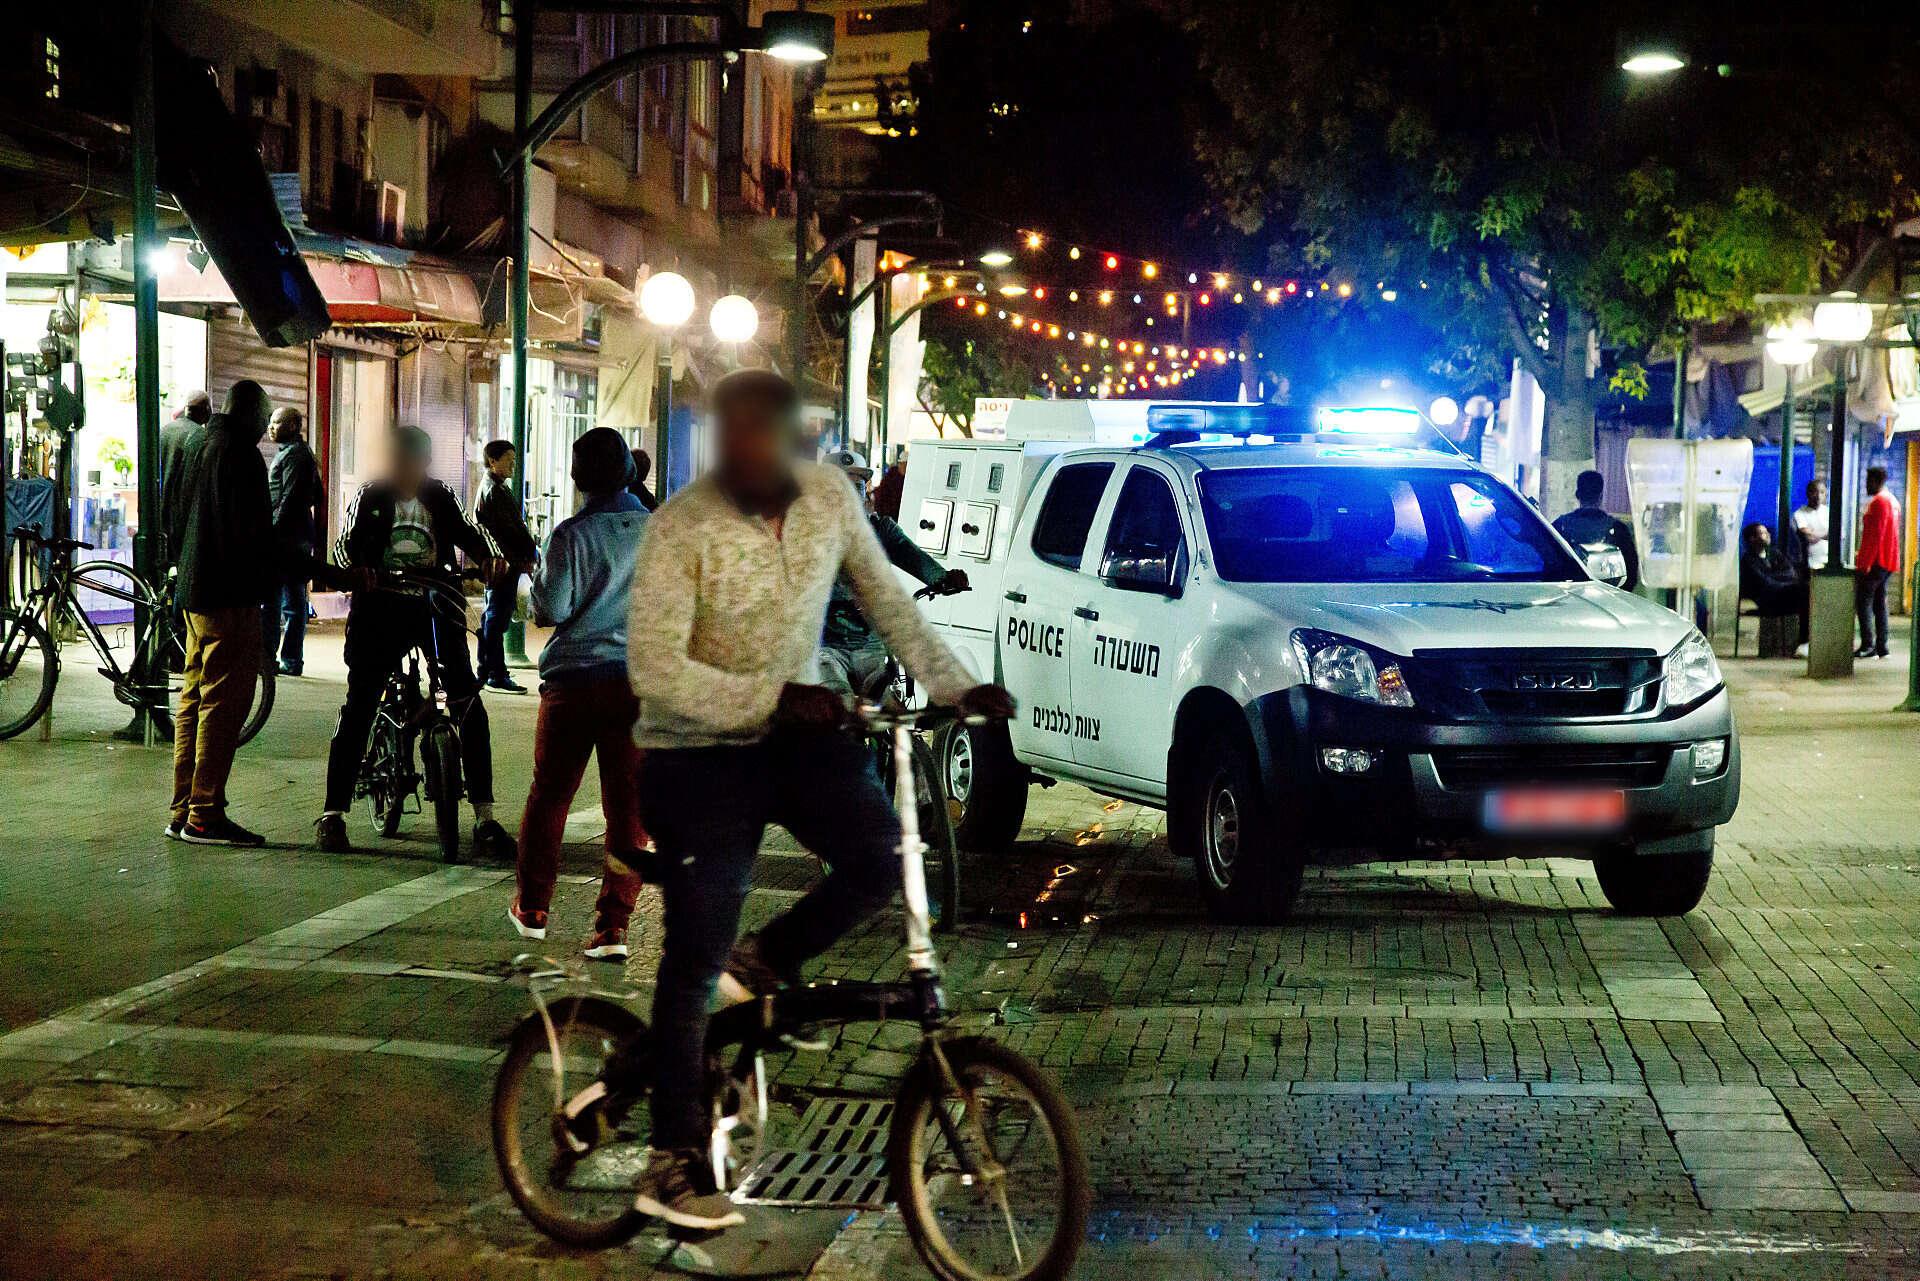 חשד לרצח: אותרה גופת גבר בדרום תל אביב